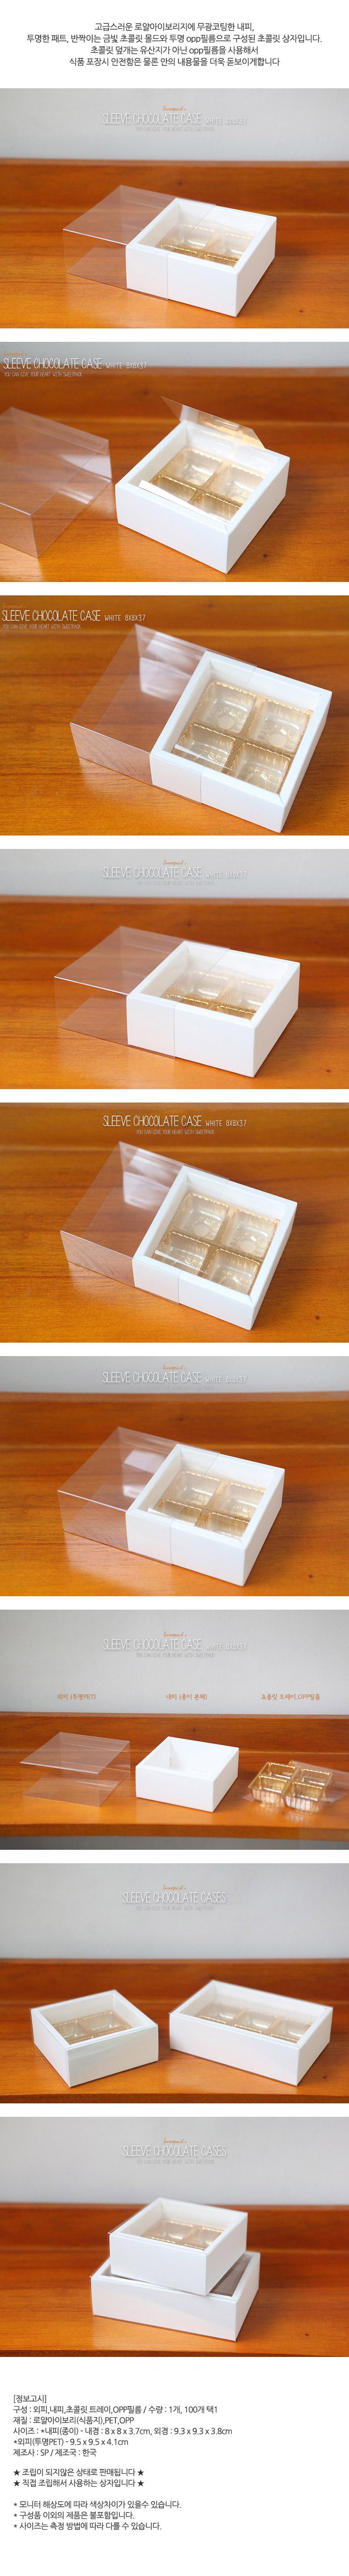 초콜릿상자 슬리브화이트 4구 - 이홈베이킹, 800원, 상자/케이스, 심플